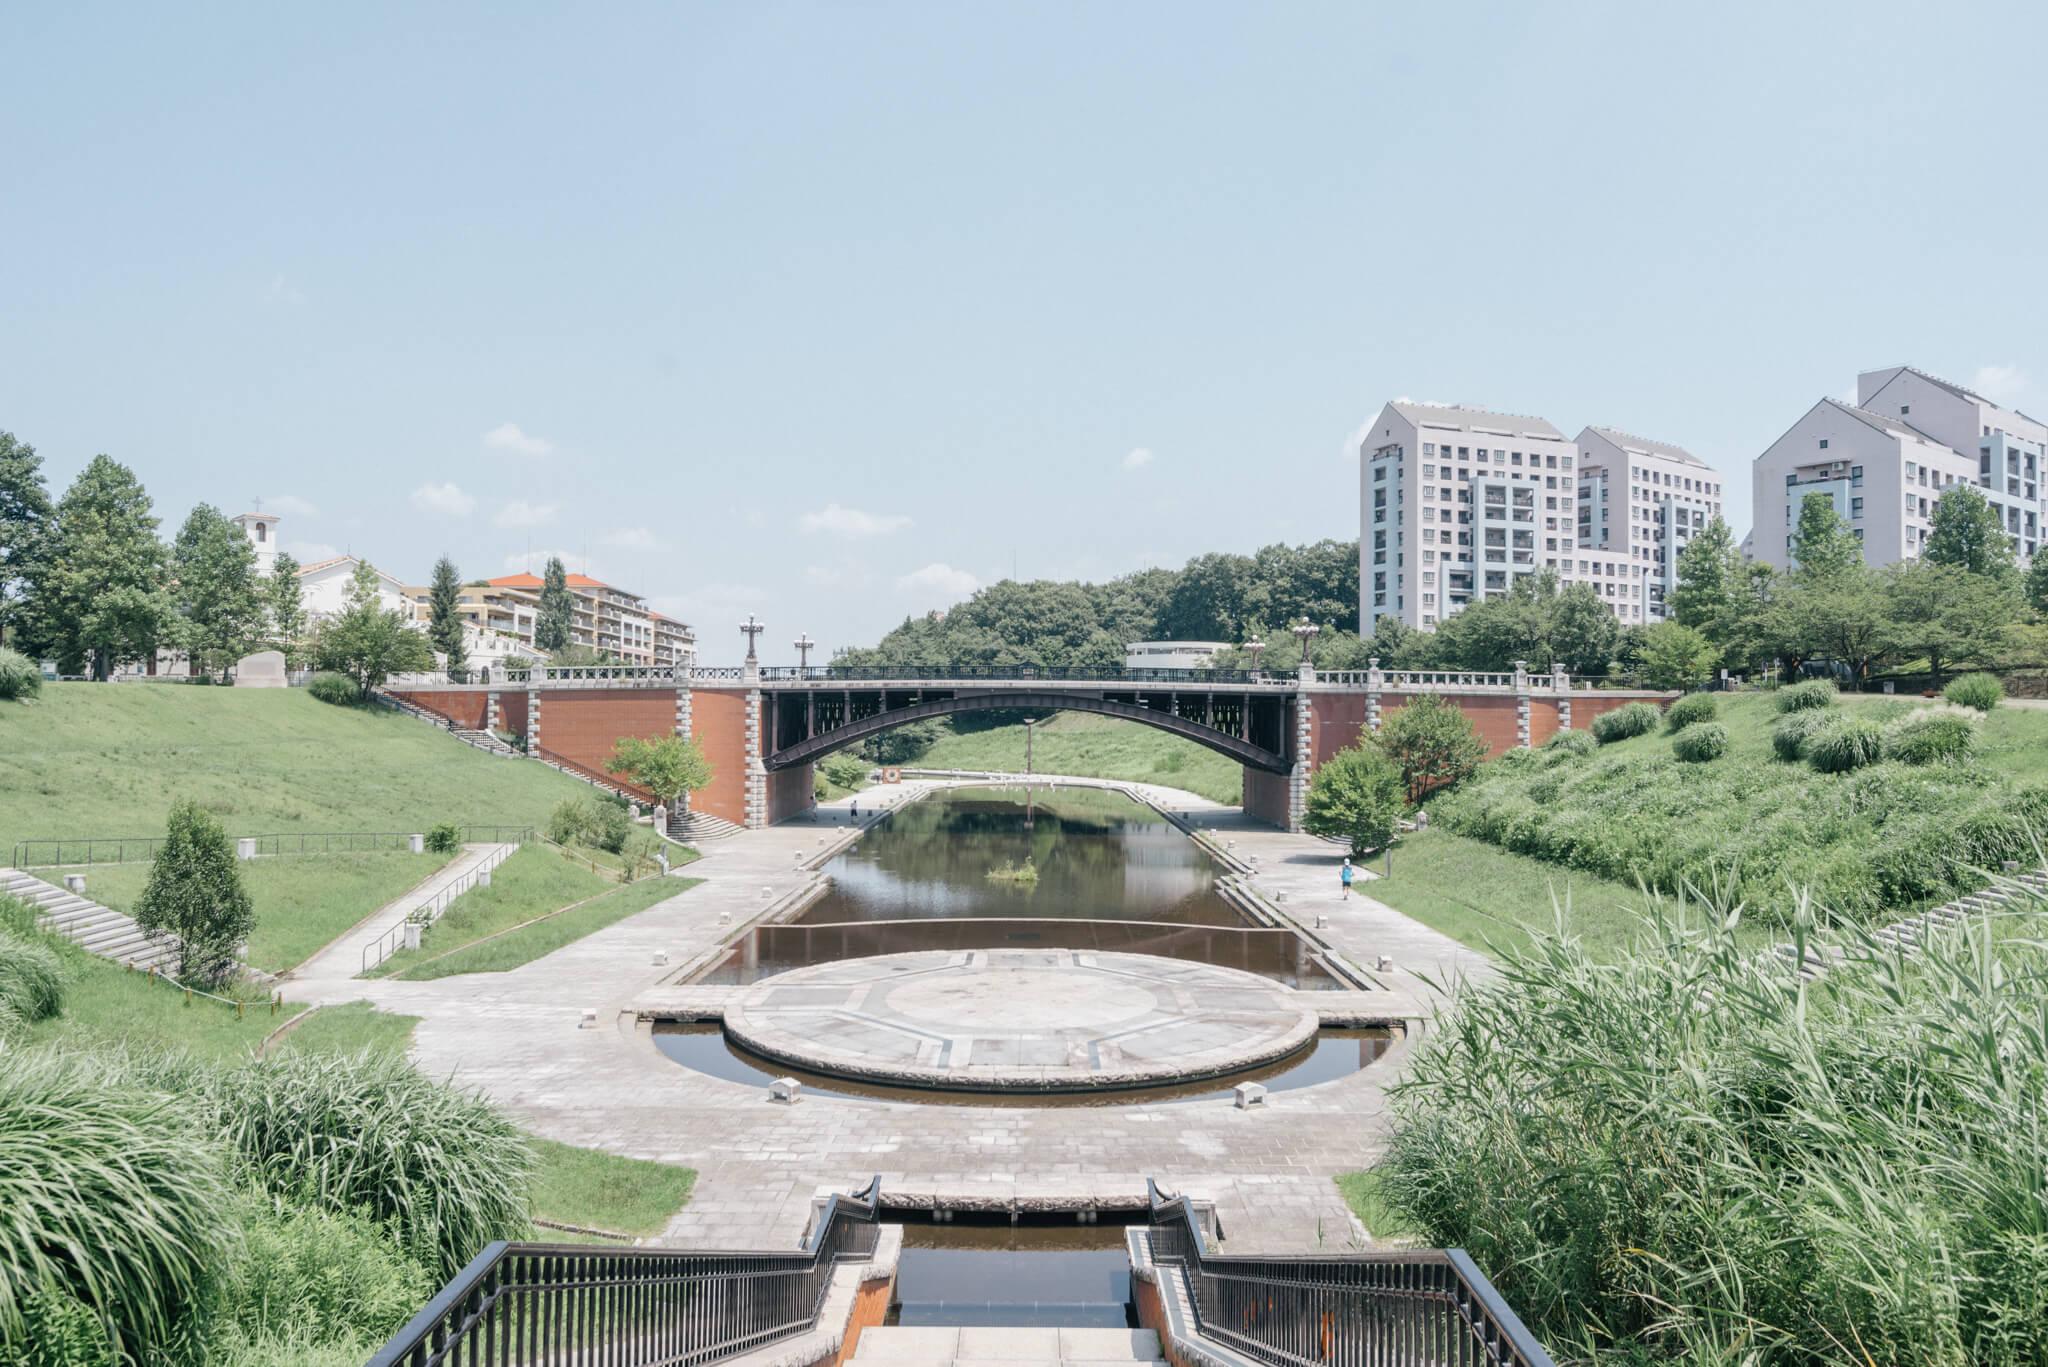 大きな池を中心にした、長池公園。たくさんの植物や昆虫を観察できる雑木林や、水田や畑などもあり、米作りなどの体験ができる「里山クラブ」も活動しています。